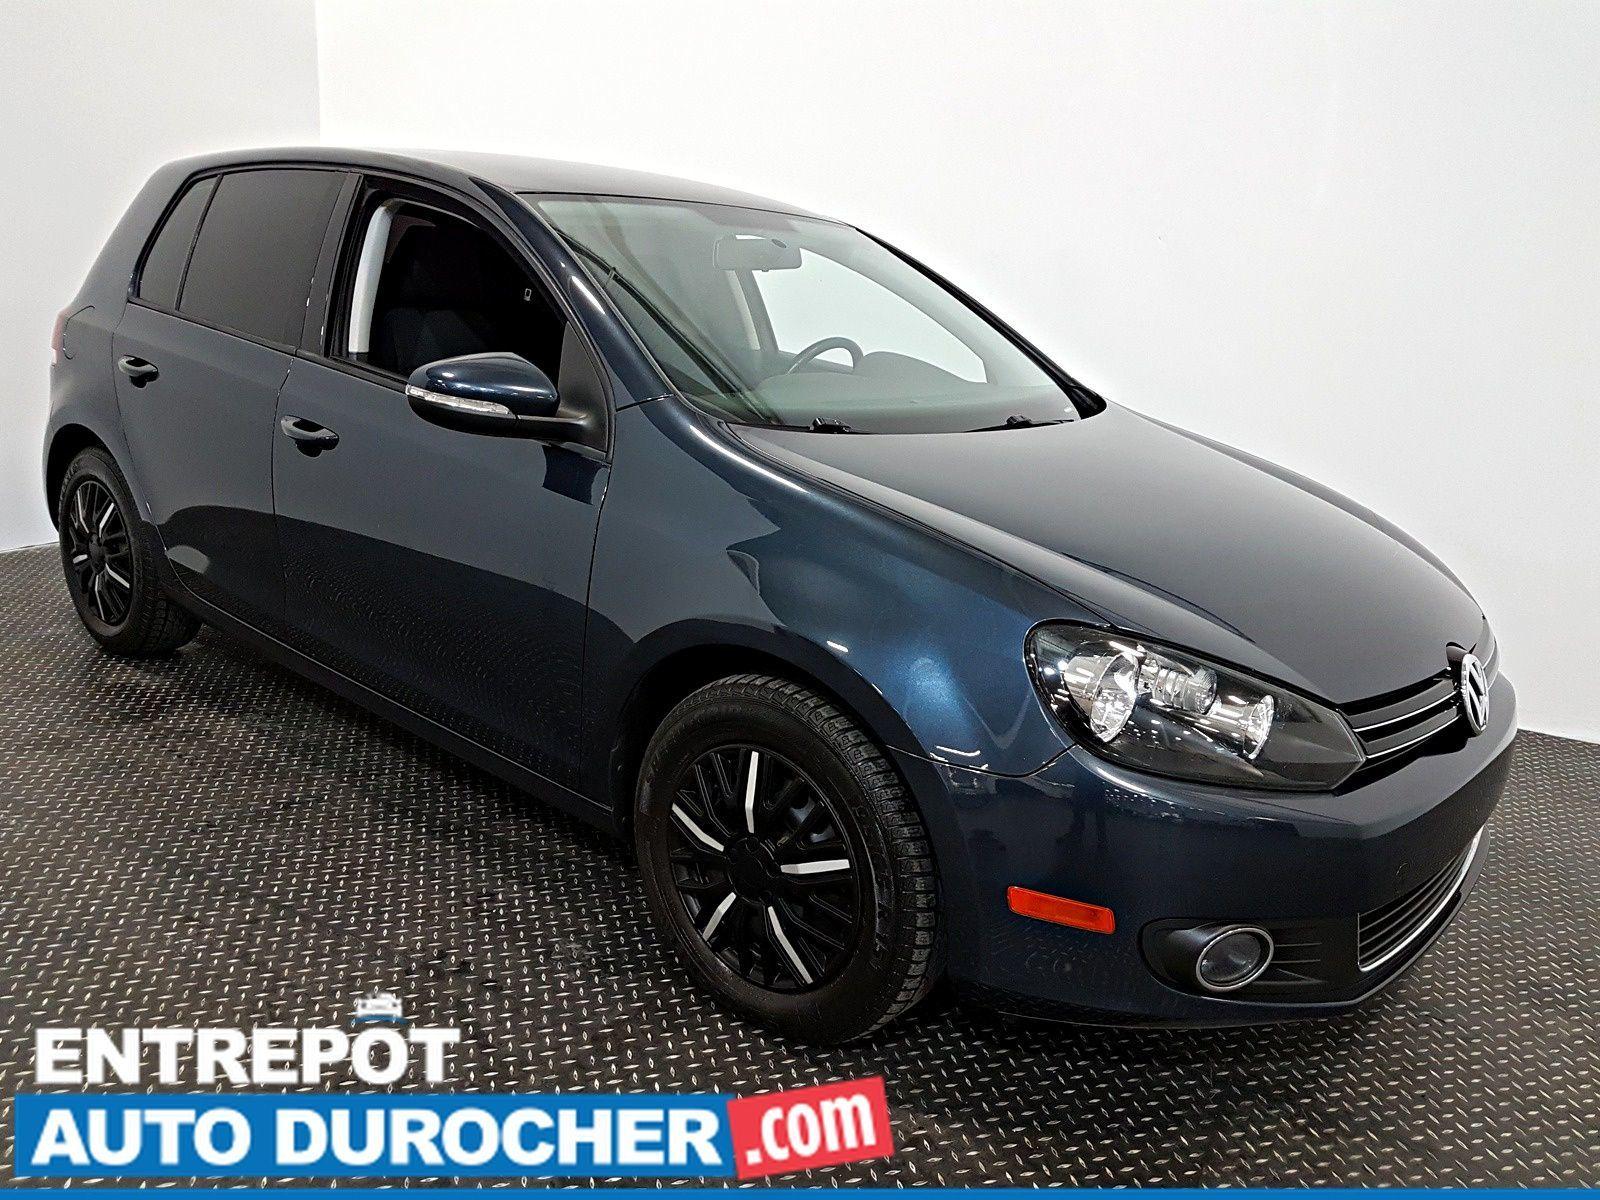 2013 Volkswagen Golf Comfortline TDI Automatique - AIR CLIMATISÉ - Groupe Électrique - Sièges Chauffants